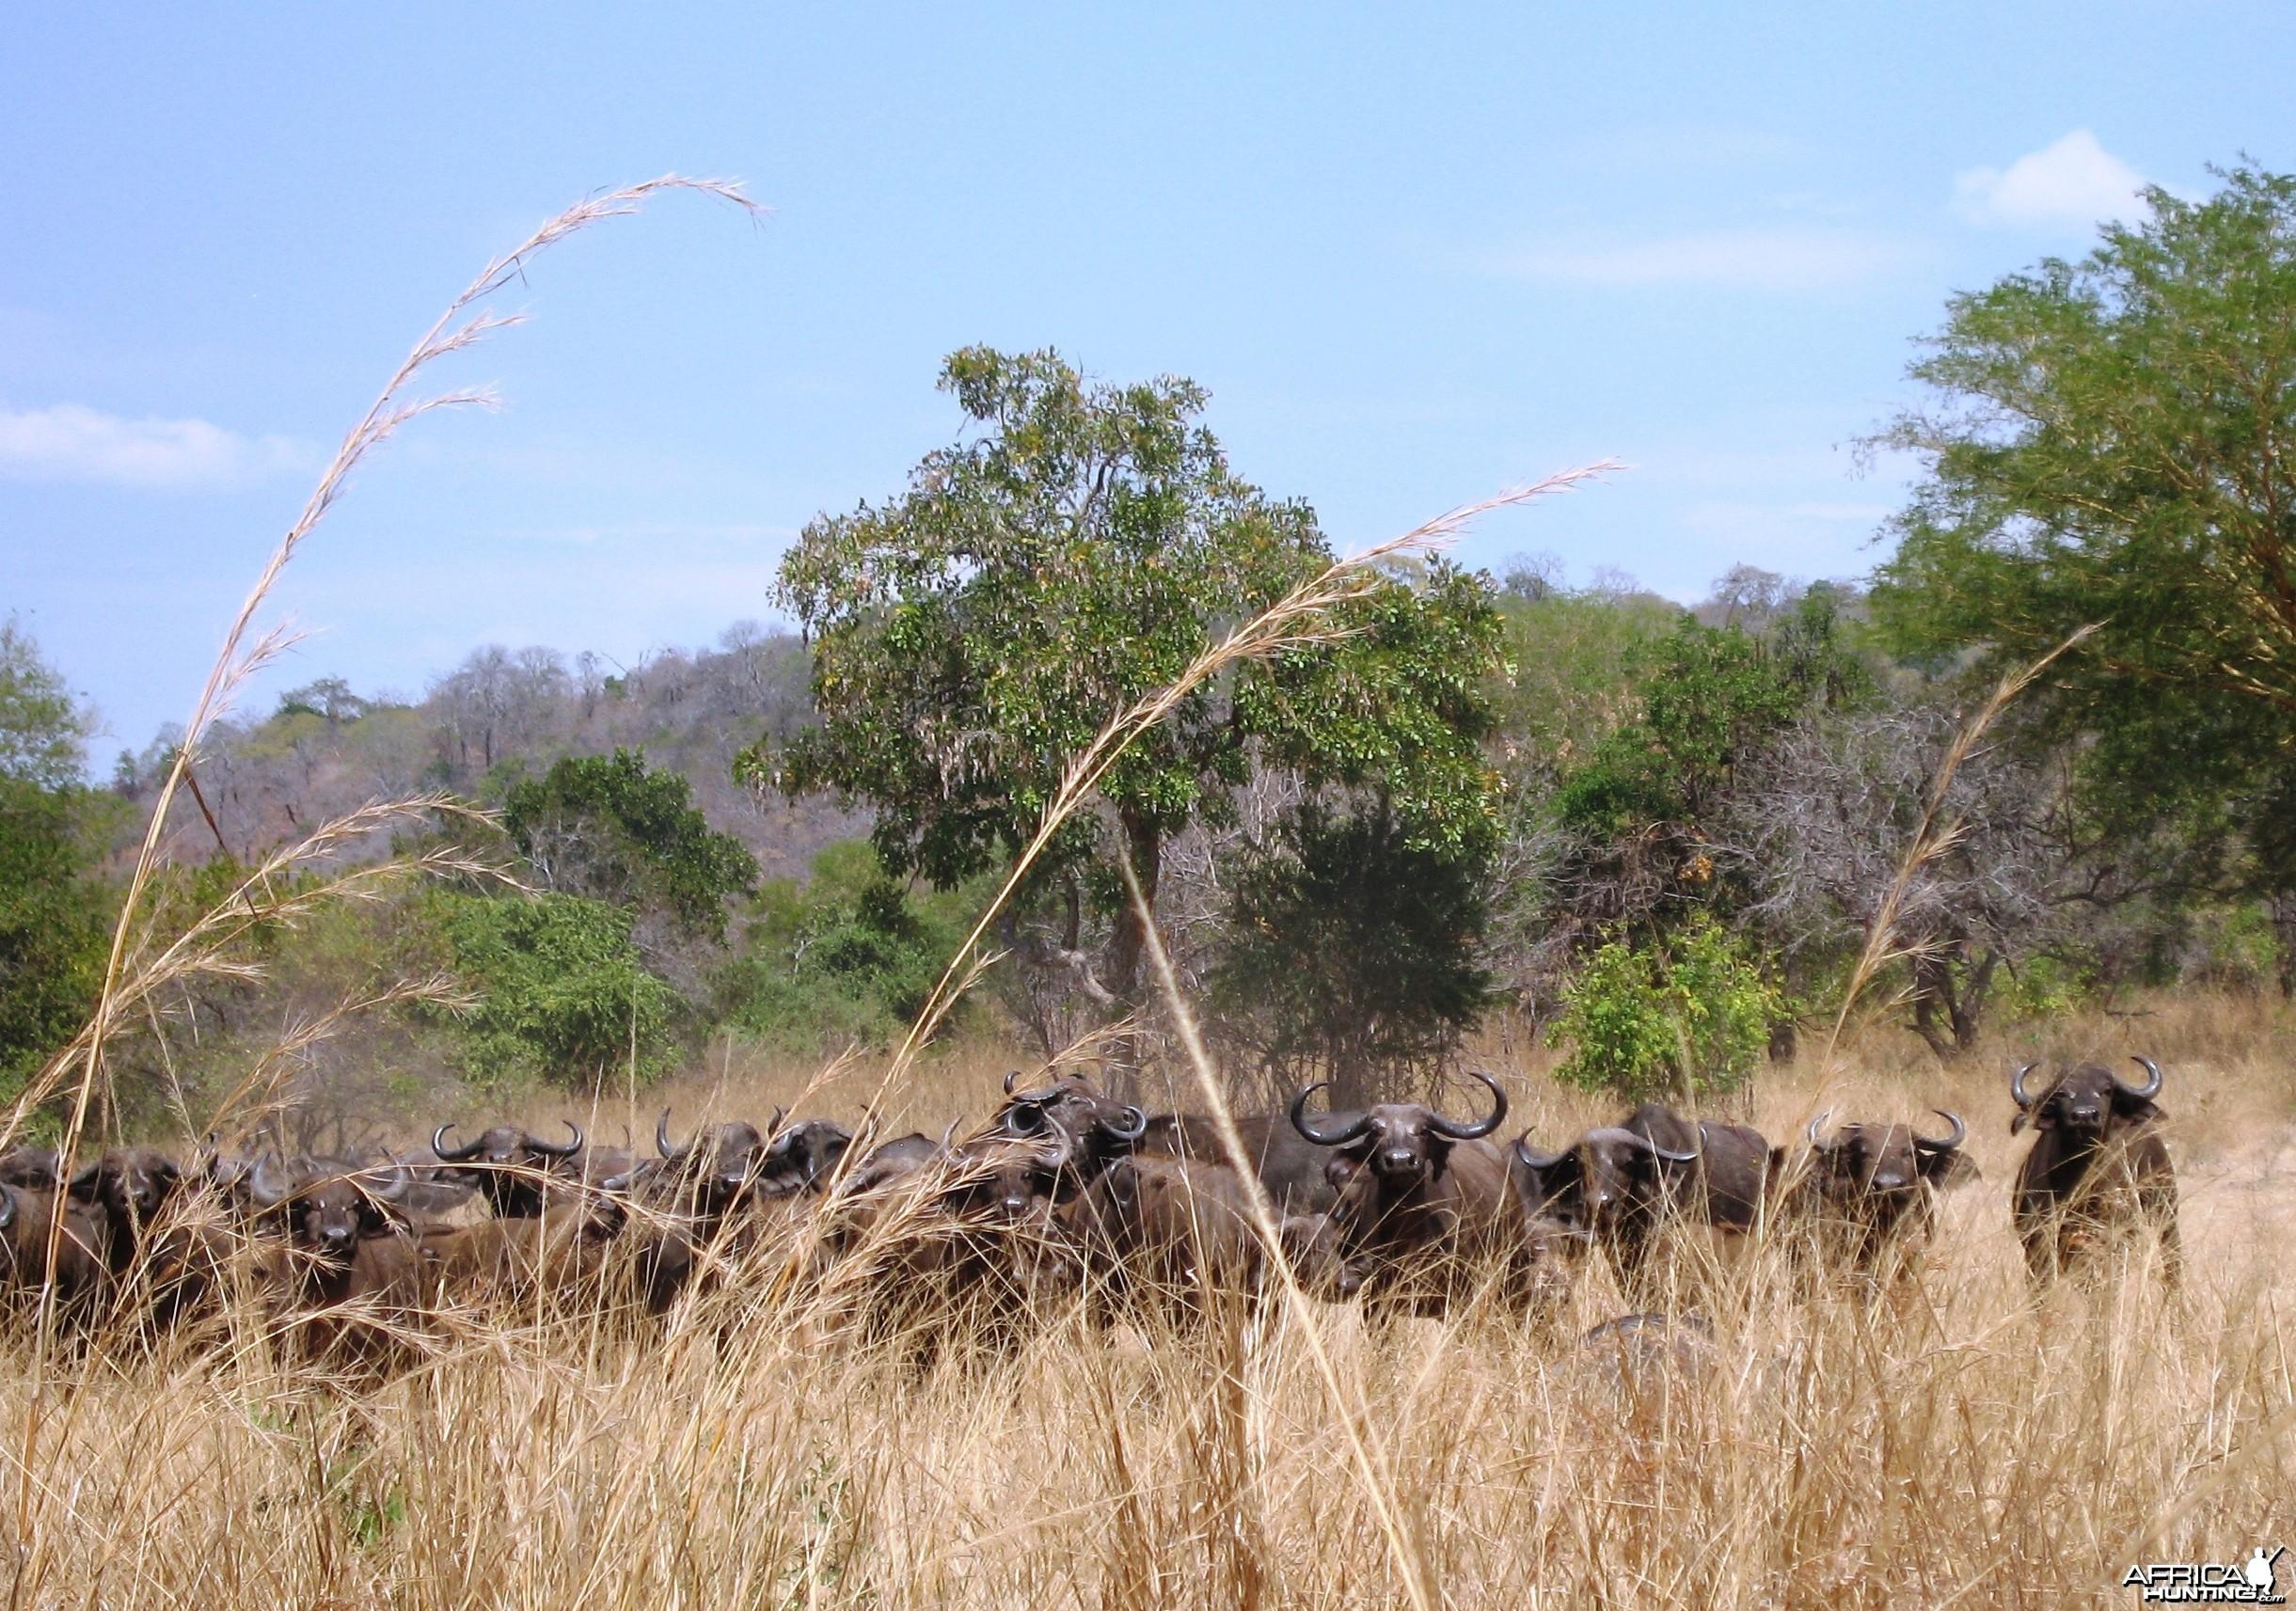 Buffaloes in Tanzania